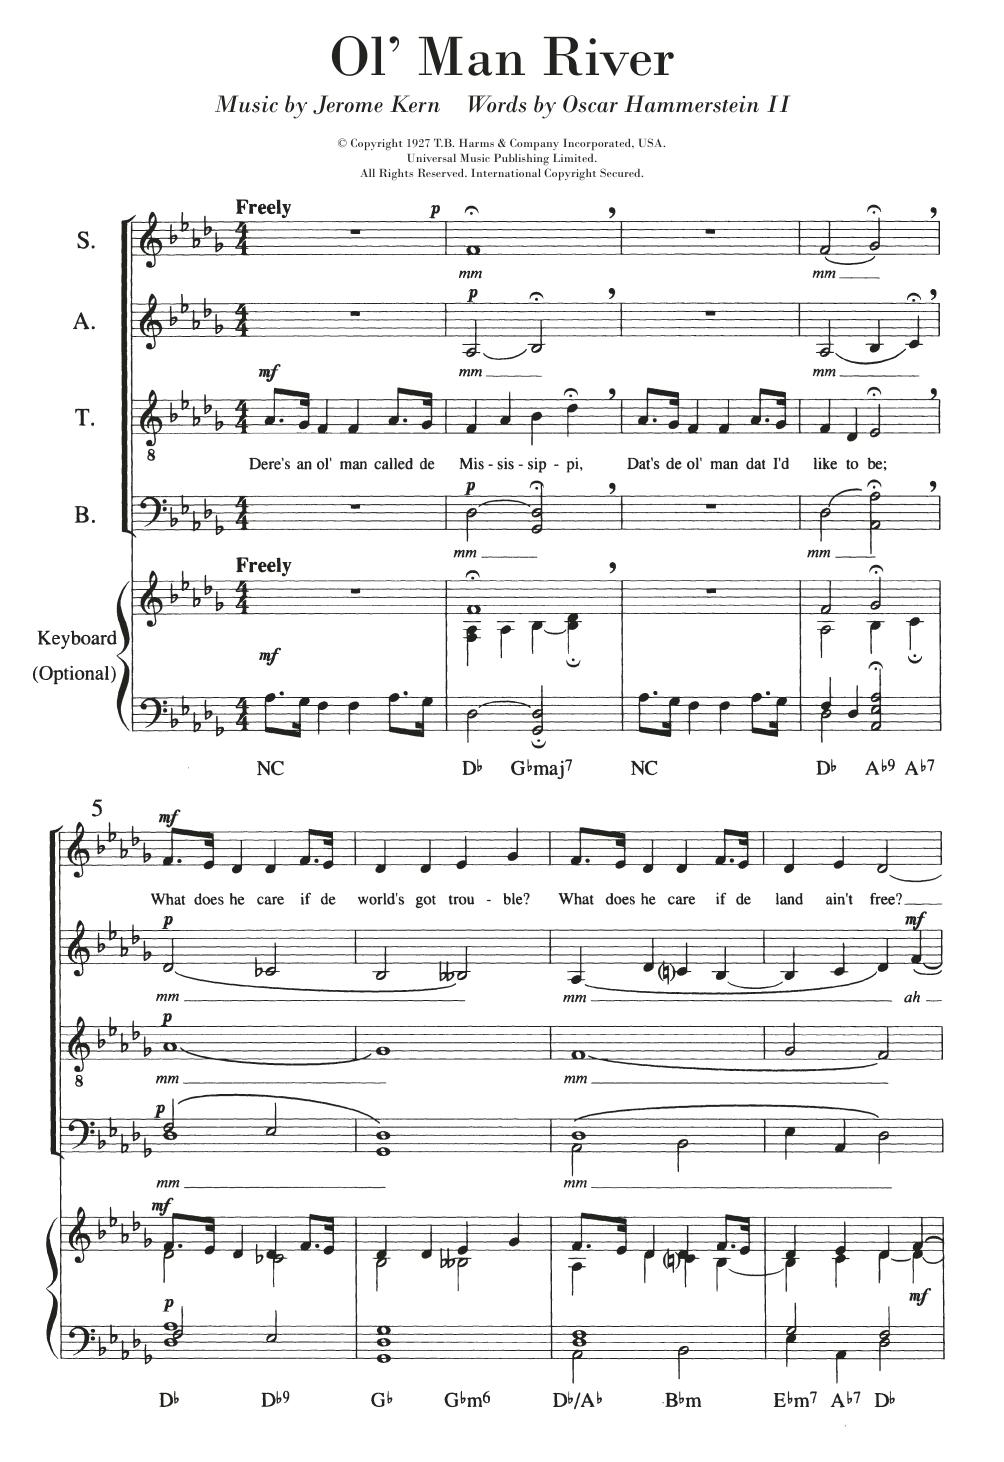 Ol' Man River Sheet Music